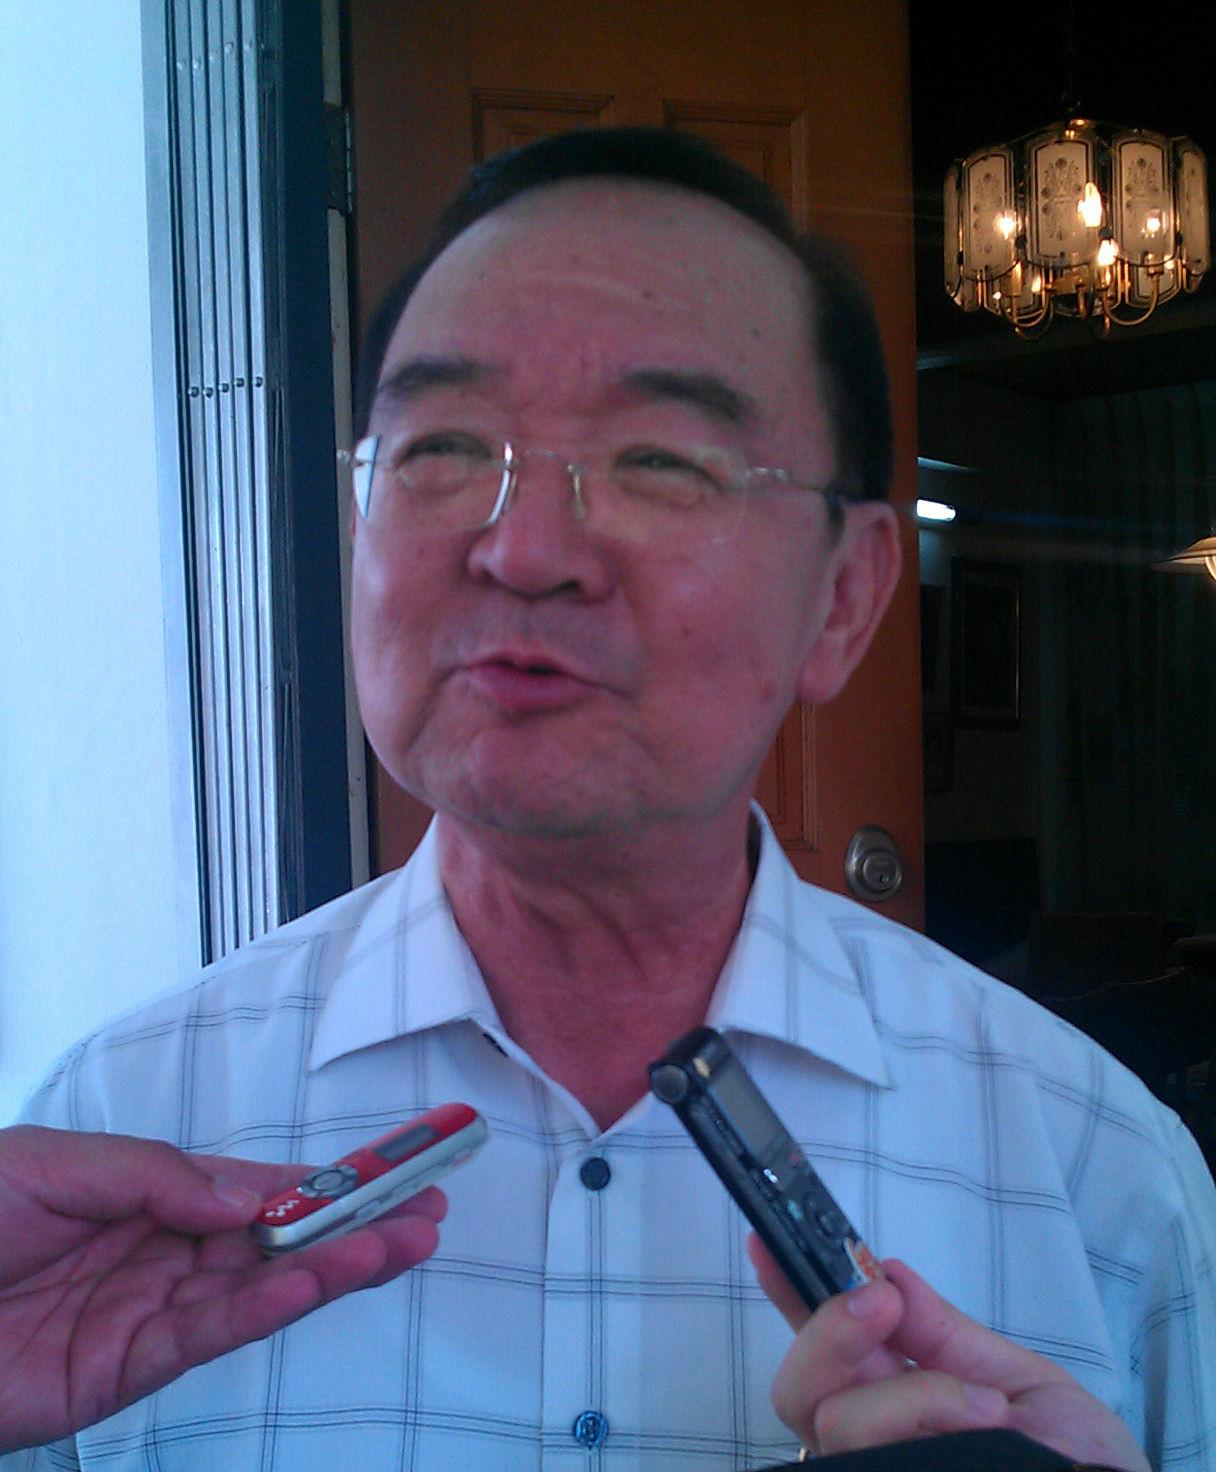 砂拉越人民联合党主席丹斯里陈华贵强调,退党者应该辞去官职及州议员身份。